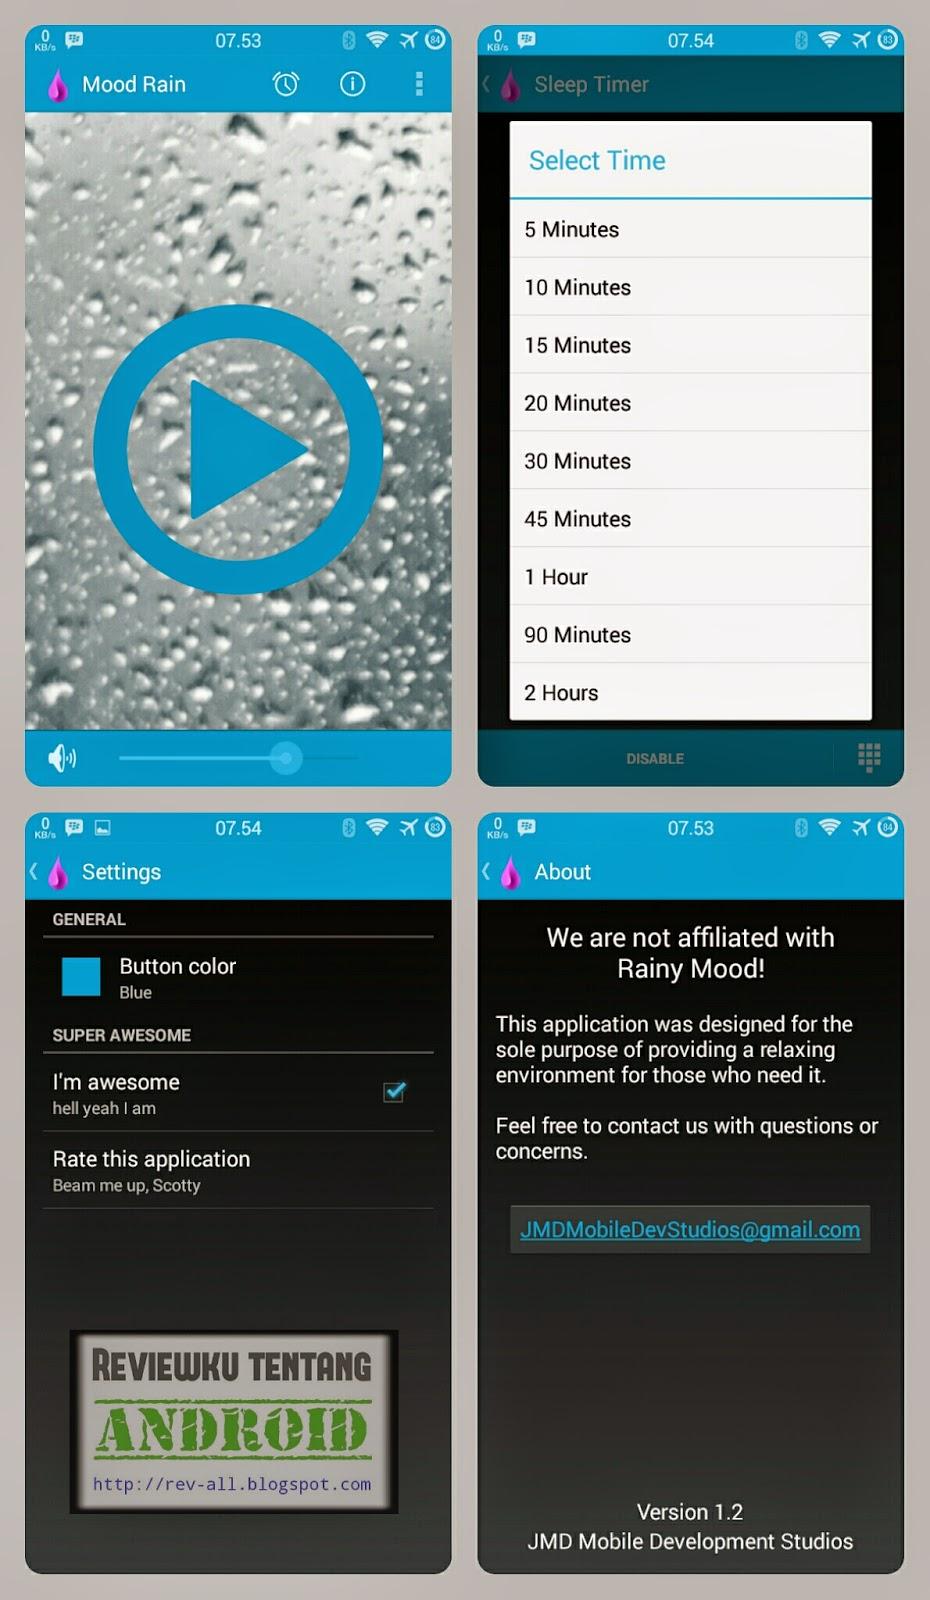 Tampilan Mood Rain - aplikasi android suara hujan dan guntur gratis (rev-all.blogspot.com)